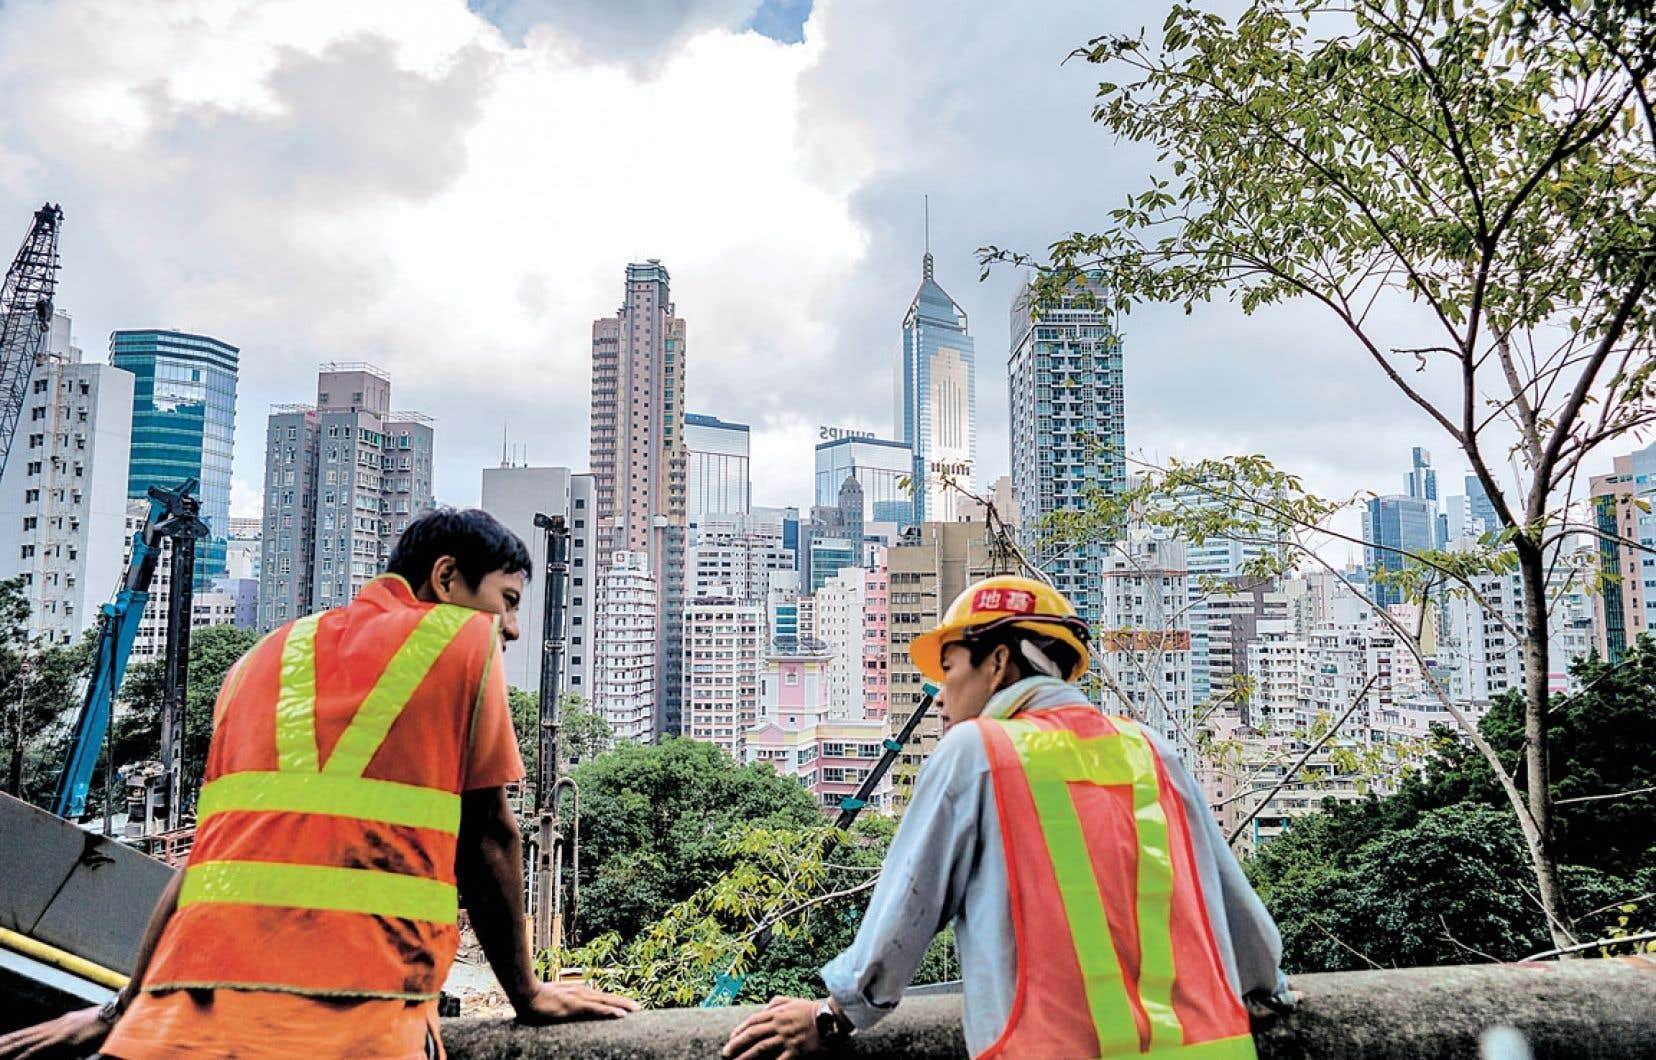 Devant la crise actuelle, la reprise de la croissance est considérée comme le but principal. Et on cite les économies émergentes - la Chine, notamment - en exemple. Sur la photo, deux ouvriers font une pause à Hong-Kong.